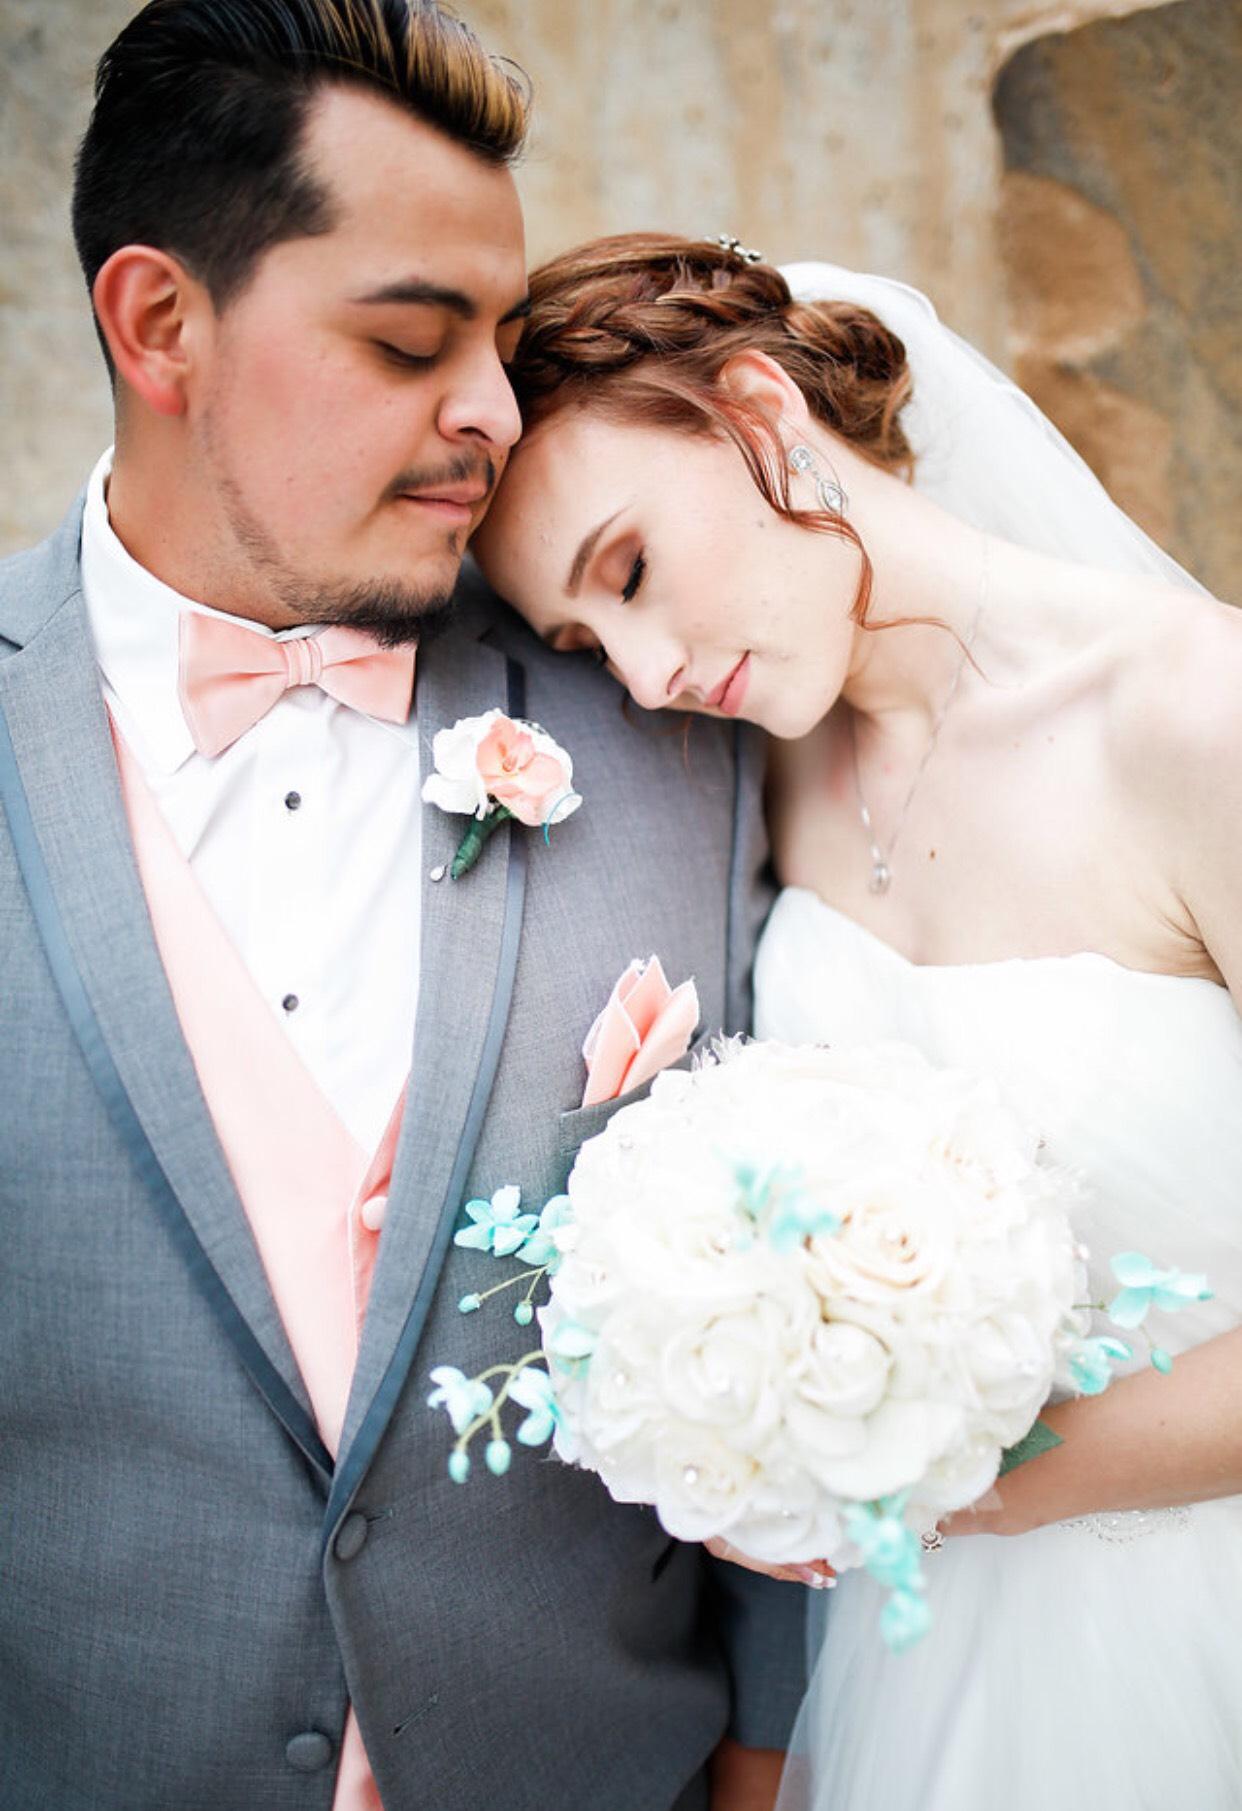 Denver-traveling-wedding-hairstylist-updo-specilaist